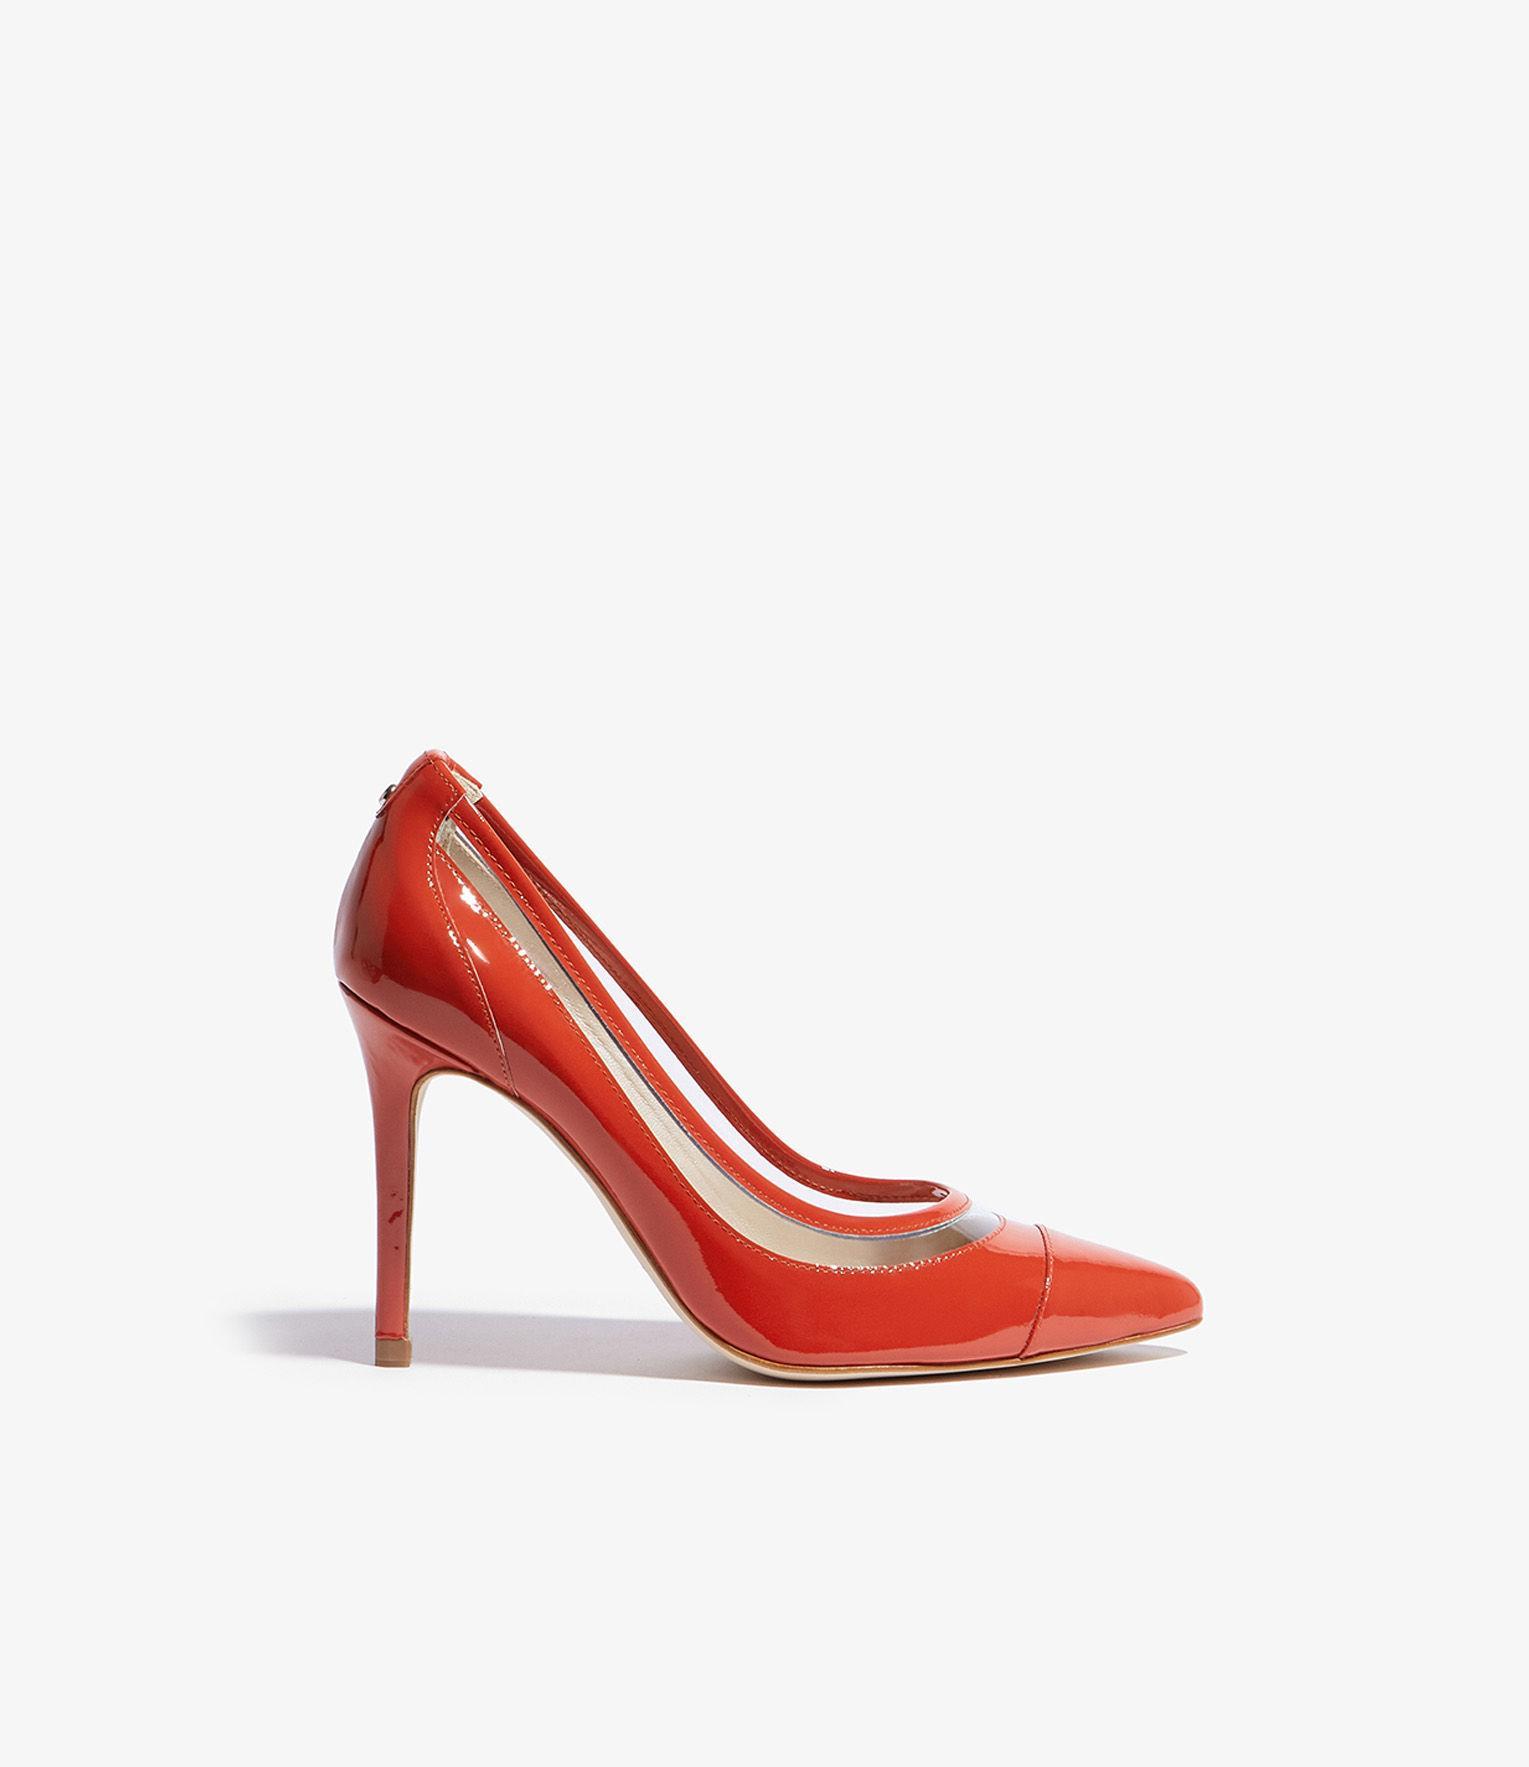 09a8e724274 Lyst - Karen Millen Stiletto Pumps in Orange